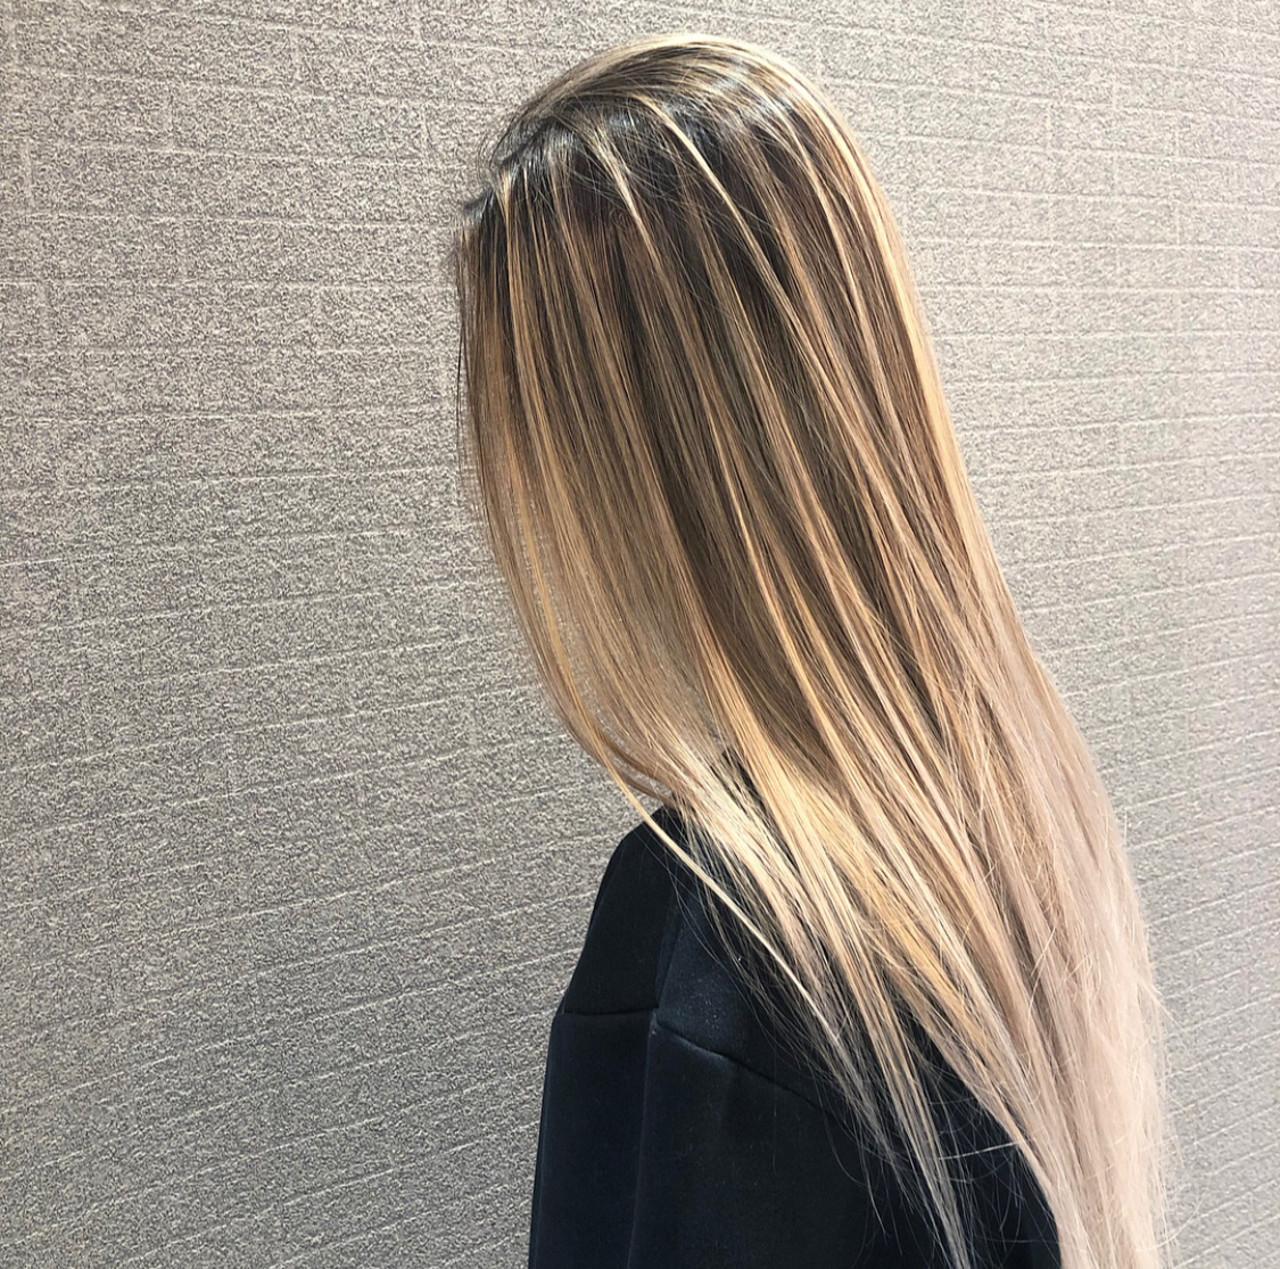 ストリート 外国人風 セミロング デート ヘアスタイルや髪型の写真・画像 | アンドウ ユウ / agu hair edge